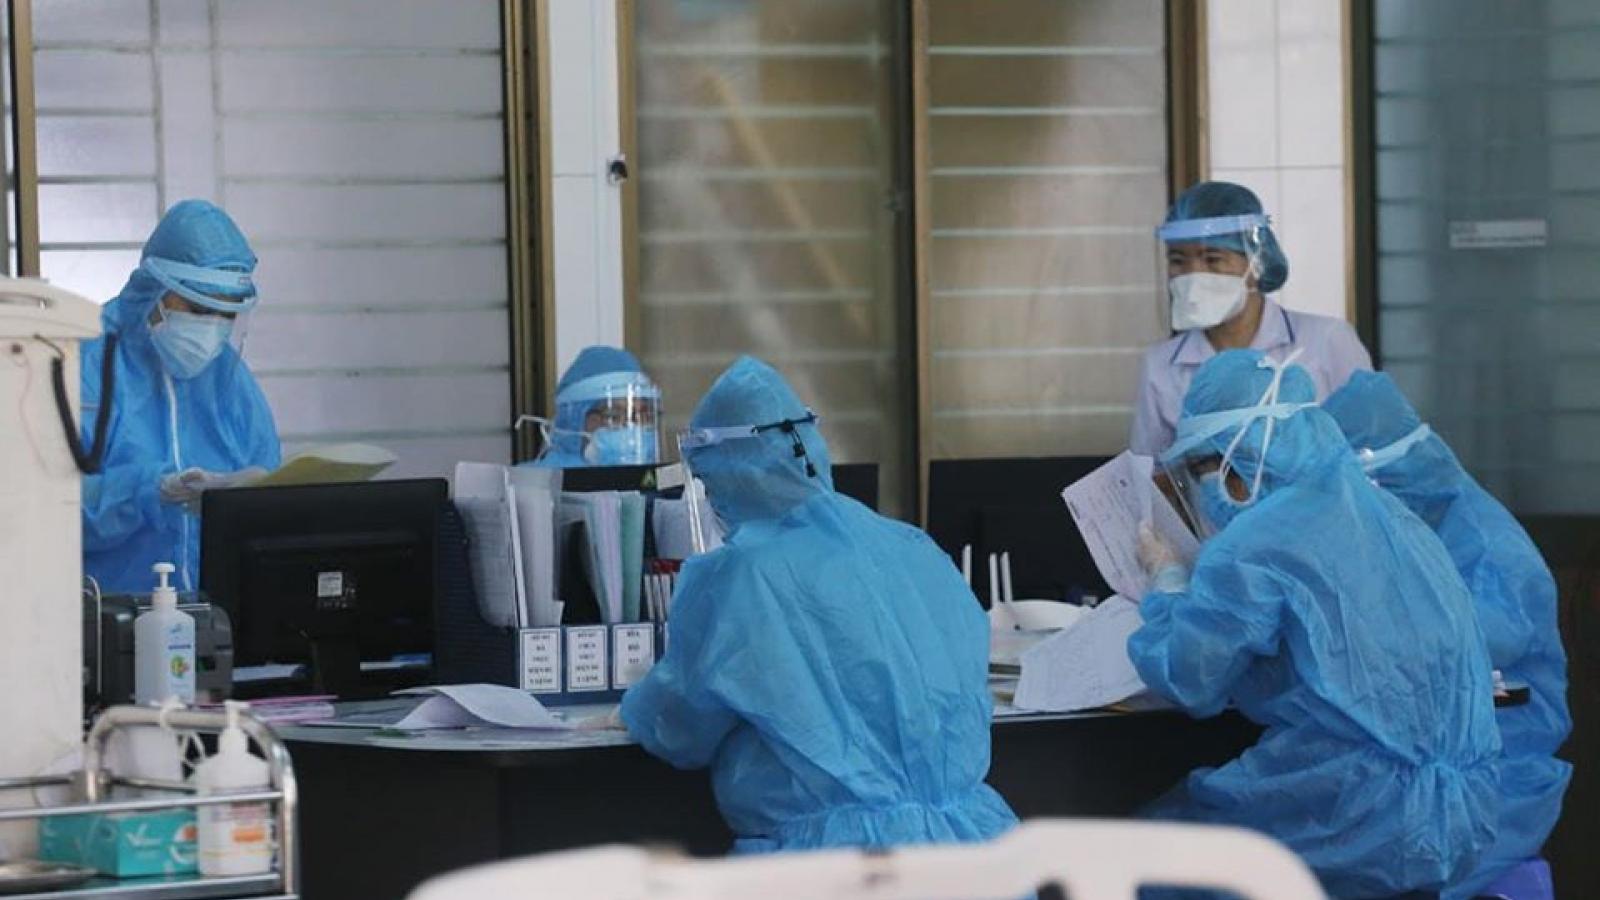 Nhân viên lễ tân khách sạn Yên Bái nhiễm biến thể SARS-CoV-2 có nguồn gốc từ Ấn Độ